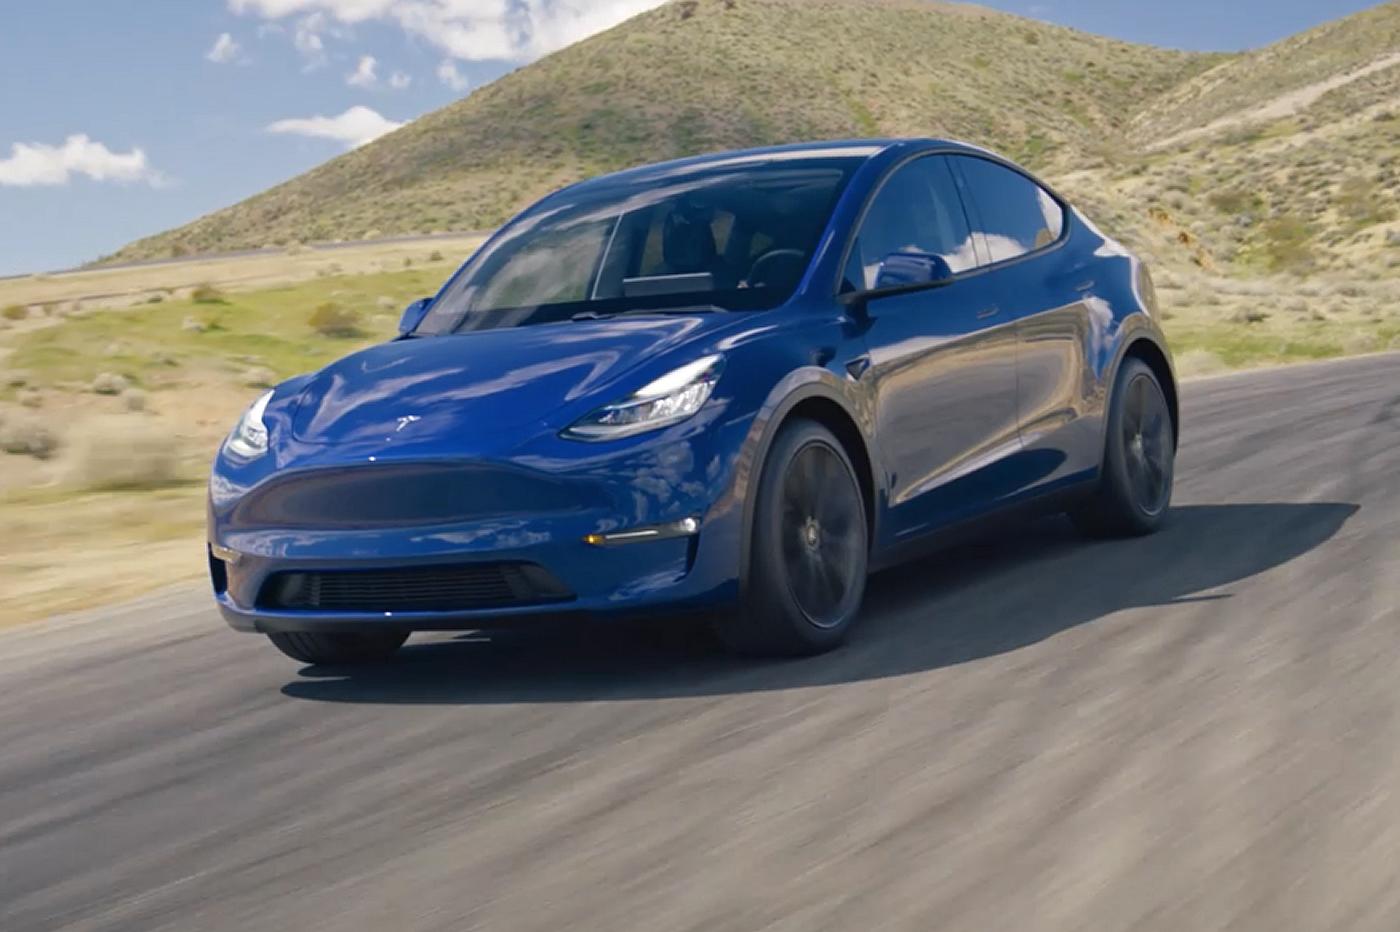 Tesla dévoile la Tesla Model Y, son SUV électrique compact 7 places  Pixodeo